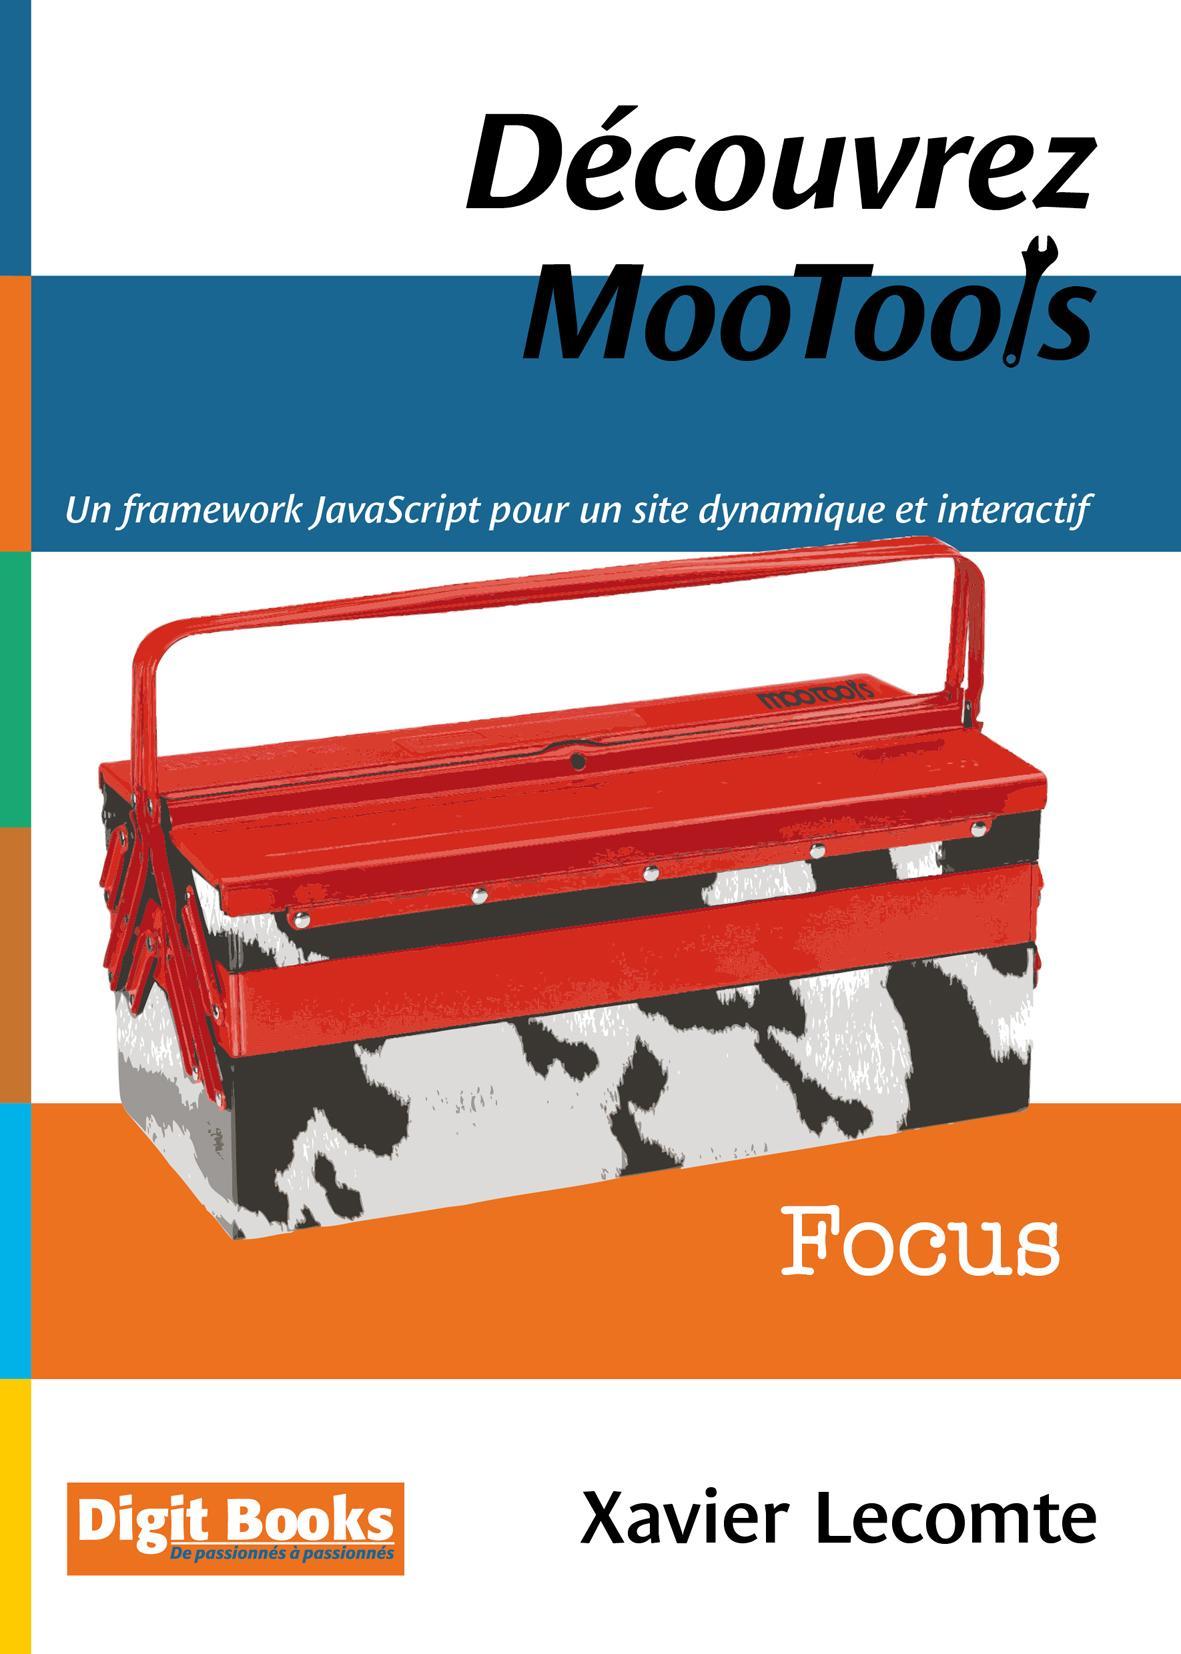 Découvrez MooTools, UN FRAMEWORK JAVASCRIPT POUR UN SITE DYNAMIQUE ET INTERACTIF